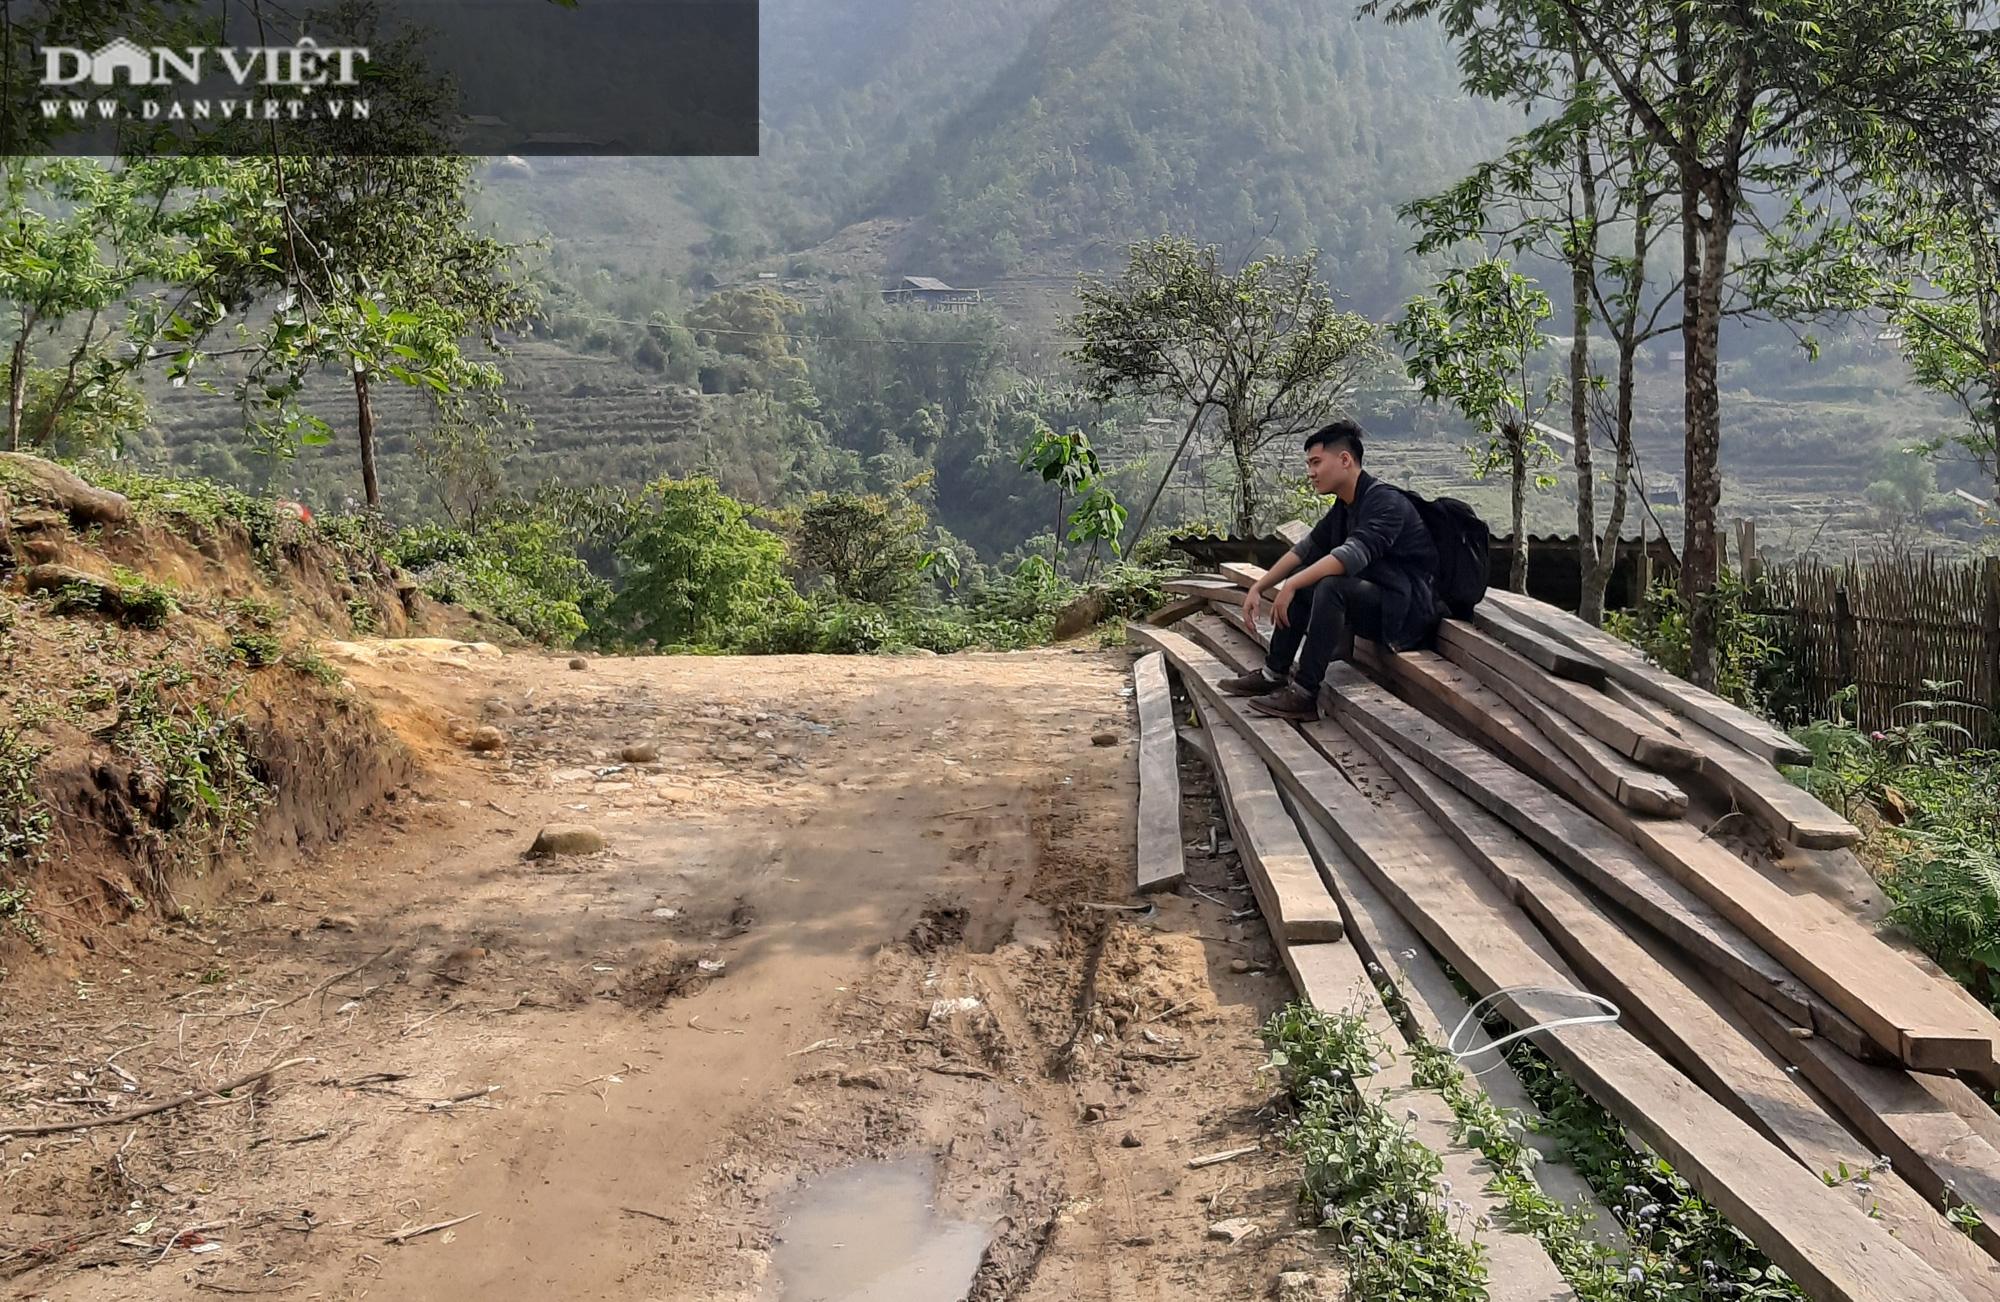 """Phá rừng pơ mu VQG Hoàng Liên (Bài 4): Phá rừng cho """"trùm buôn gỗ"""", chứ không phải để đóng quan tài! - Ảnh 6."""